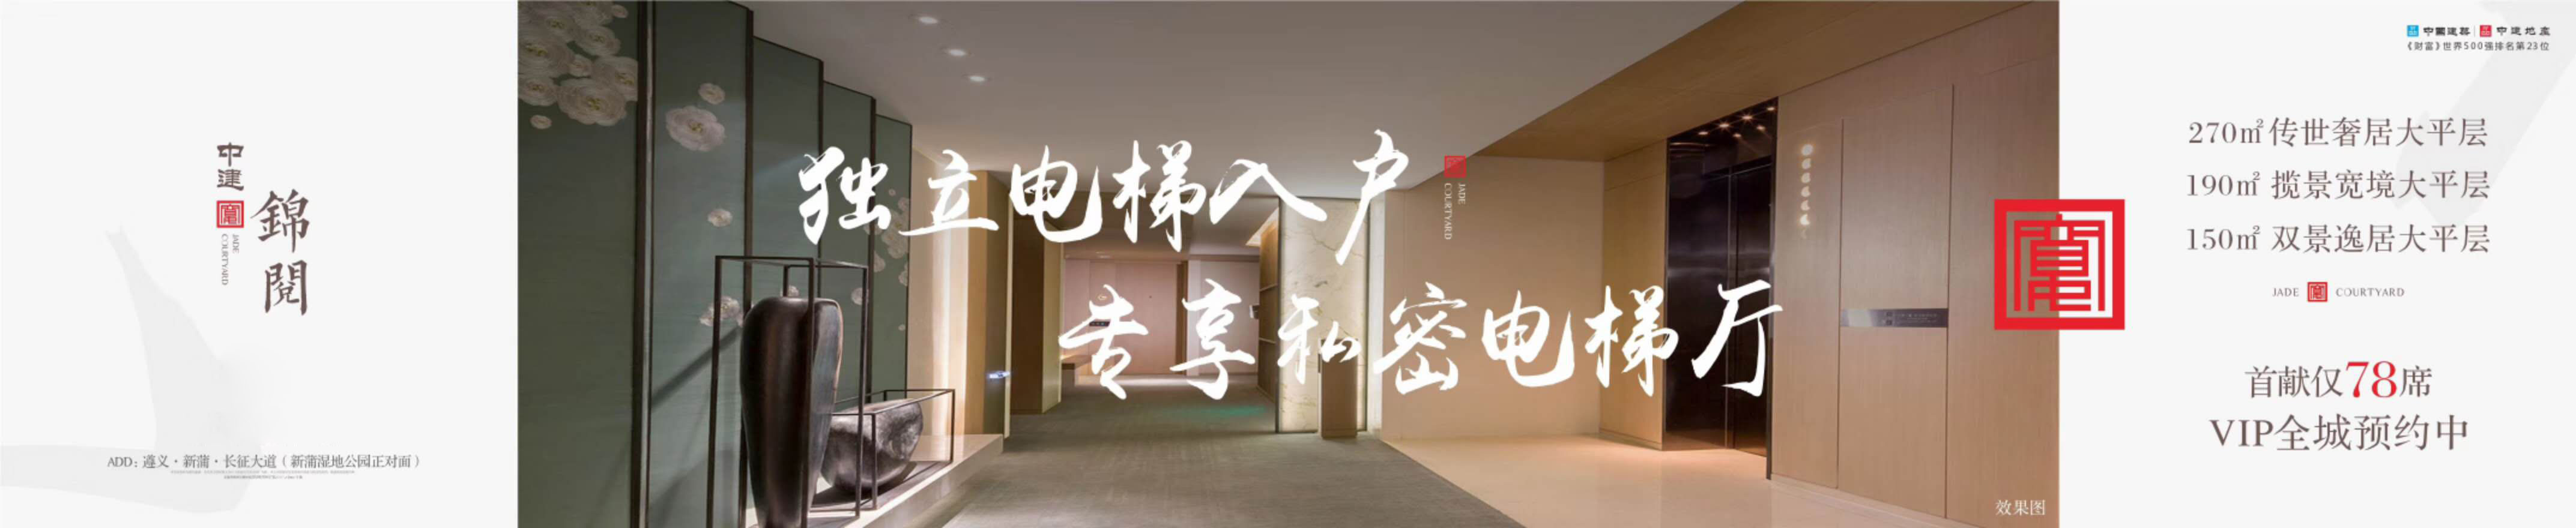 中建·锦阅 | 建面约150㎡190㎡270㎡阔景大平层 首献仅78席-中国网地产